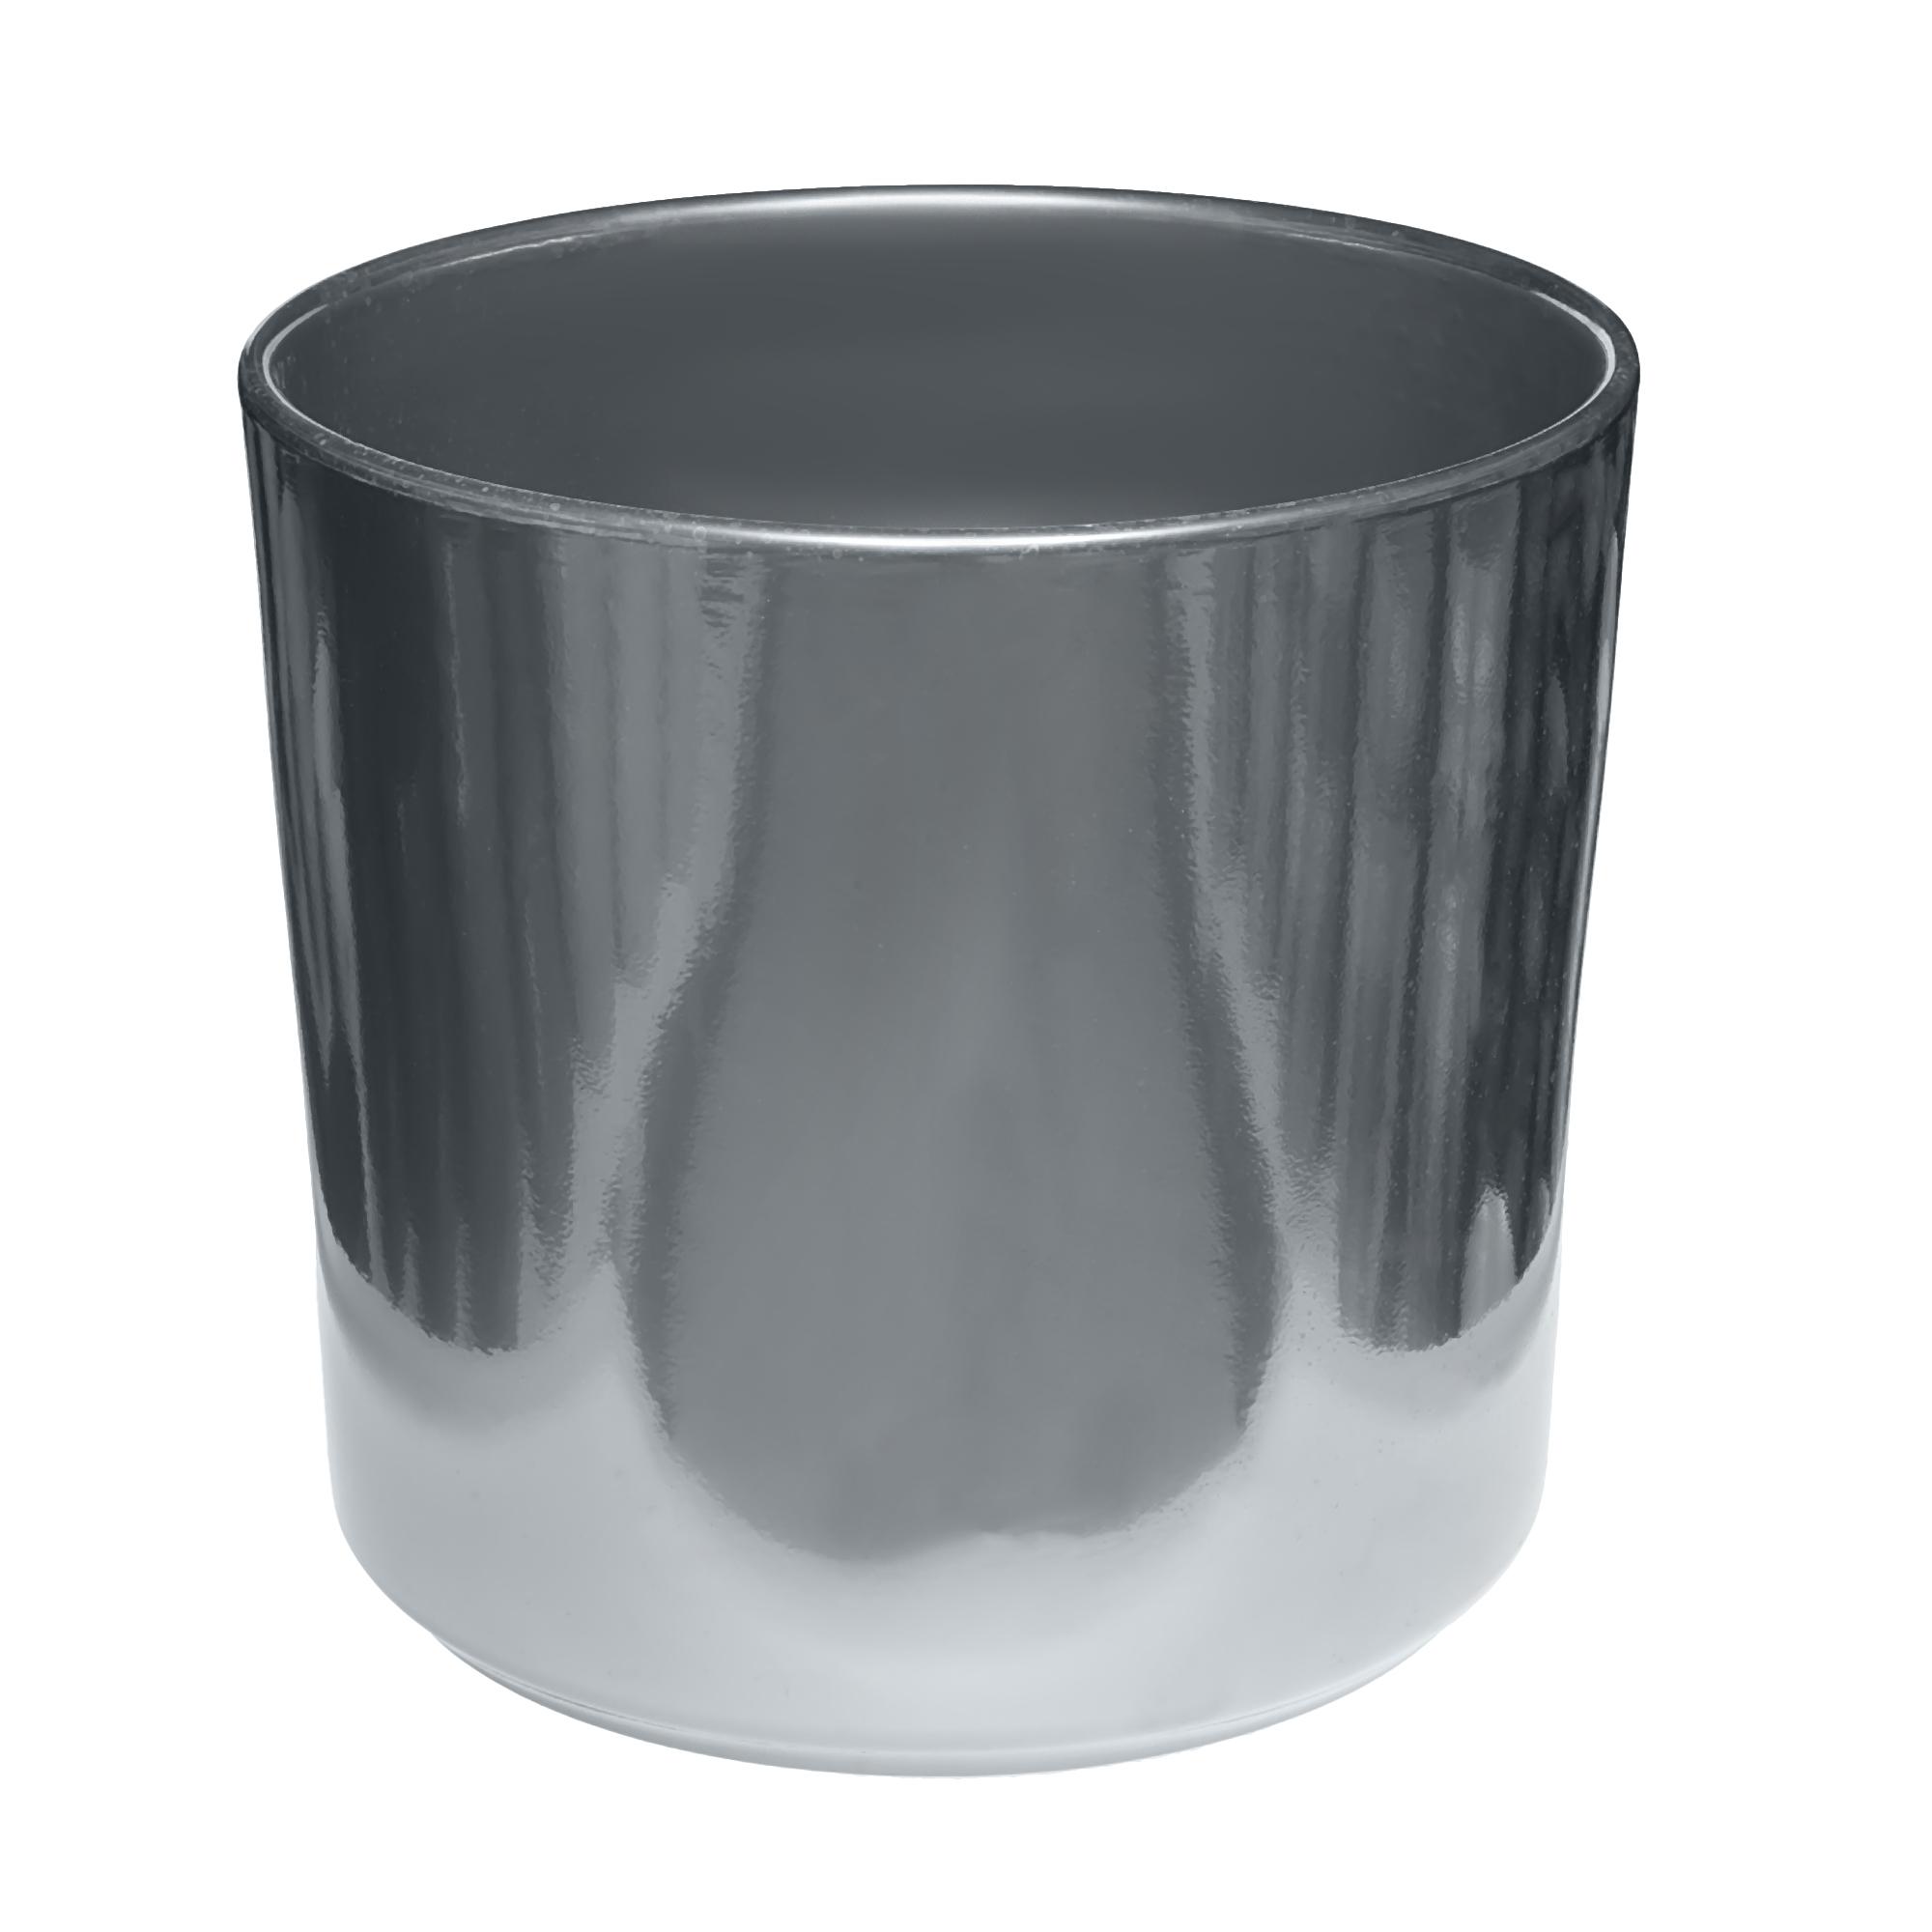 Кашпо Soendgen las vegas d37 глянцевый серебряный недорого